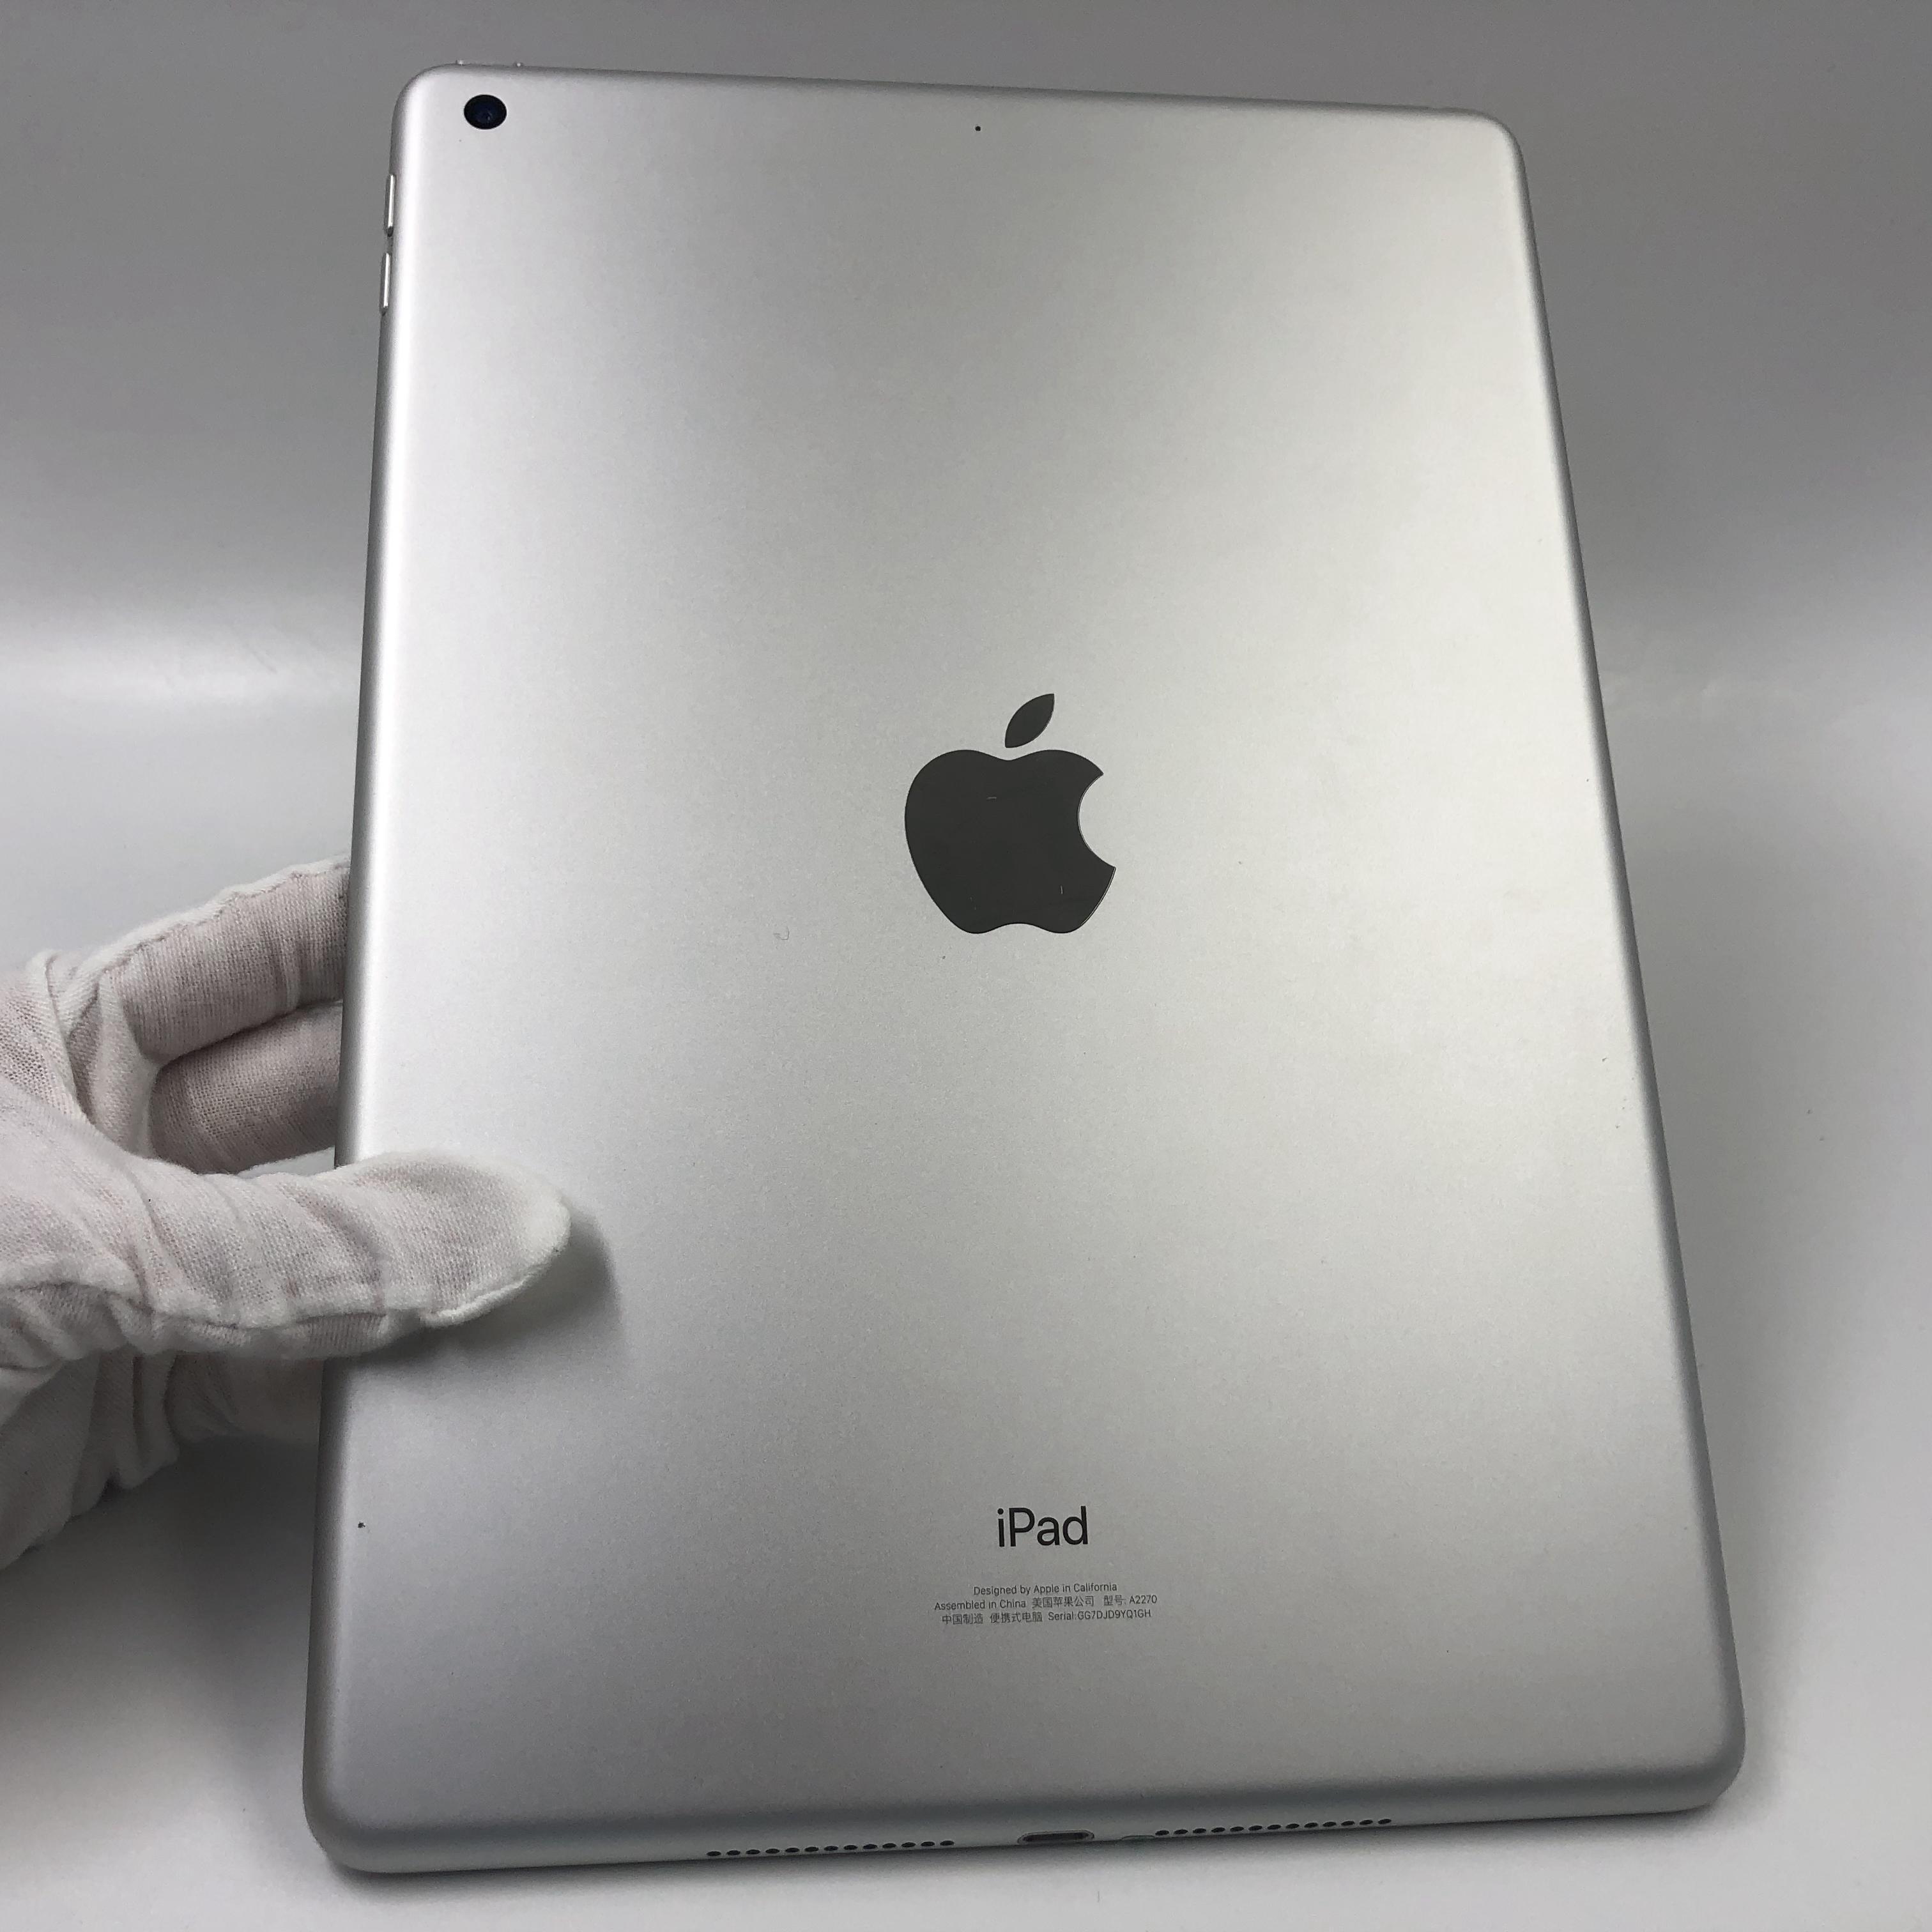 苹果【iPad8 10.2英寸 20款】WIFI版 银色 128G 国行 95新 真机实拍